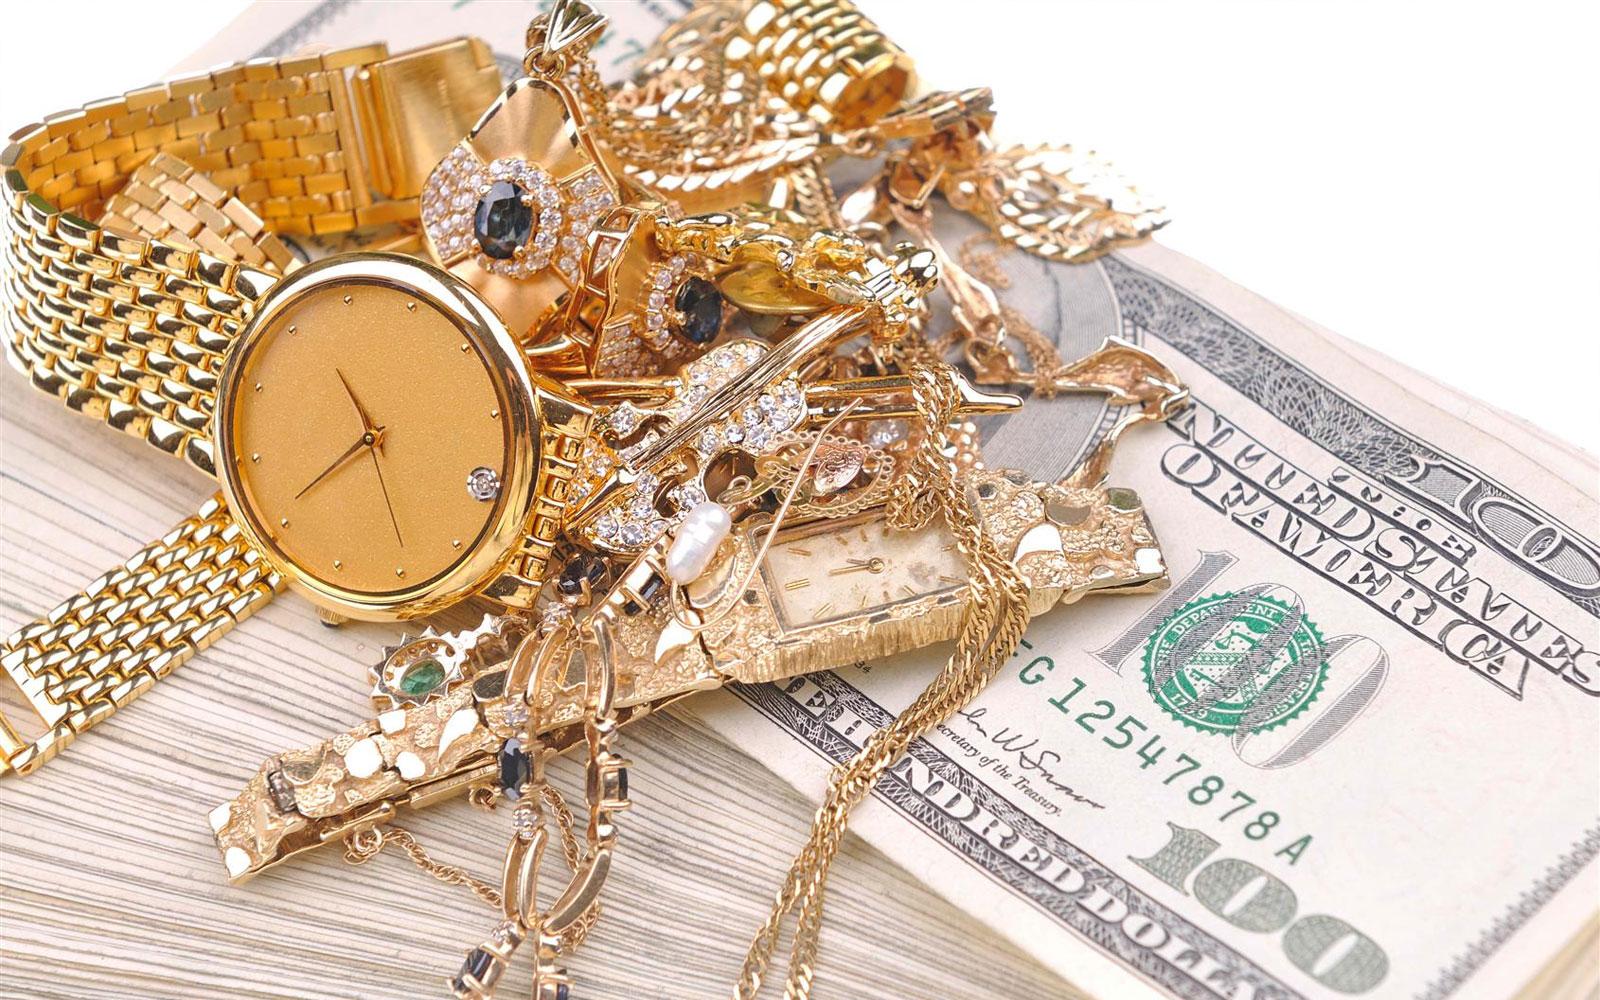 Часов и изделий ломбарды ювелирных часов пионерская ломбард